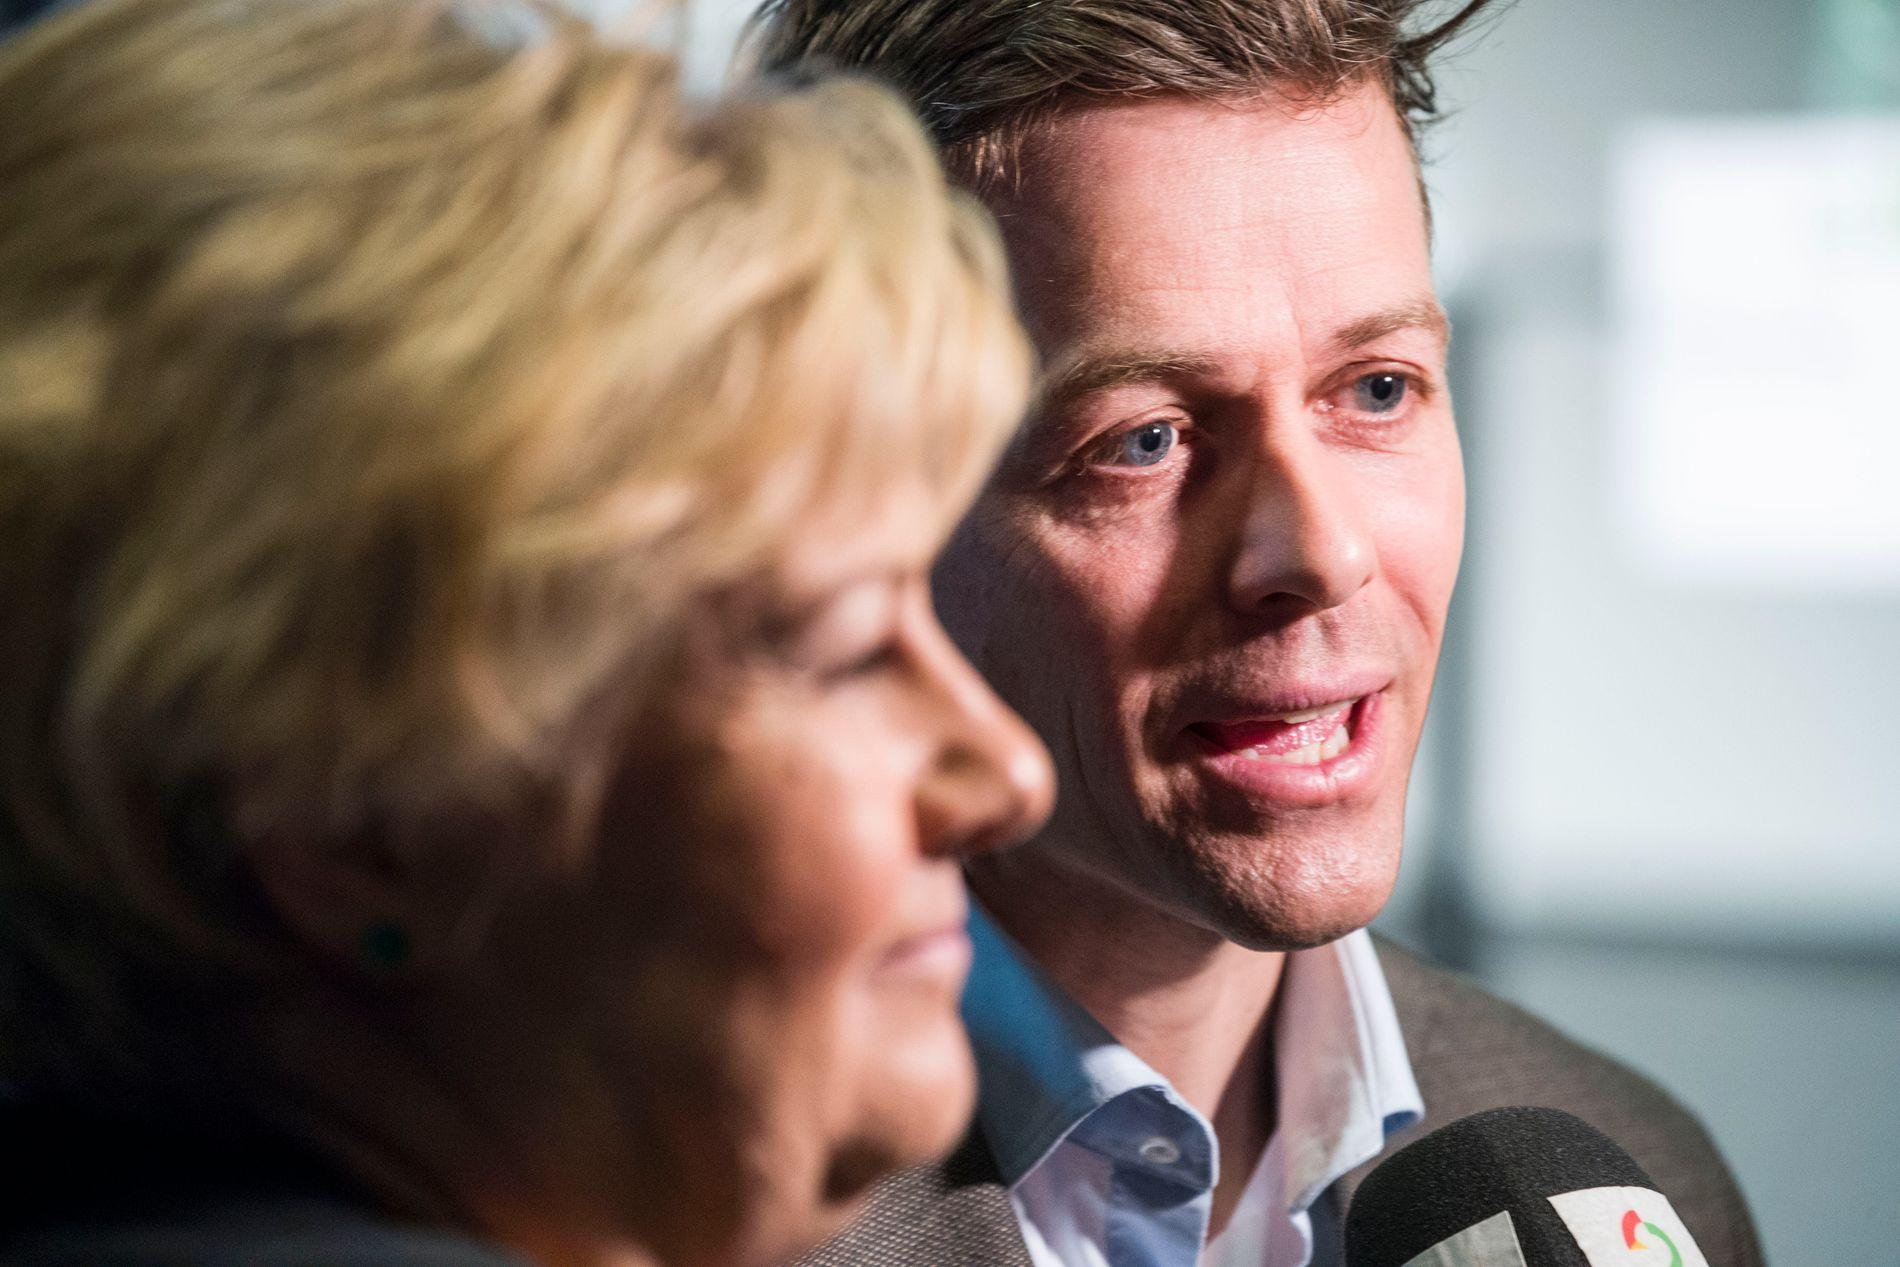 SKATTESVAR: KrF mener at statsminister Erna Solberg bør avklare sin modell for å hindre nullskatteytere. Her er hun sammen med KrF-leder Knut Arild Hareide tidligere i år.